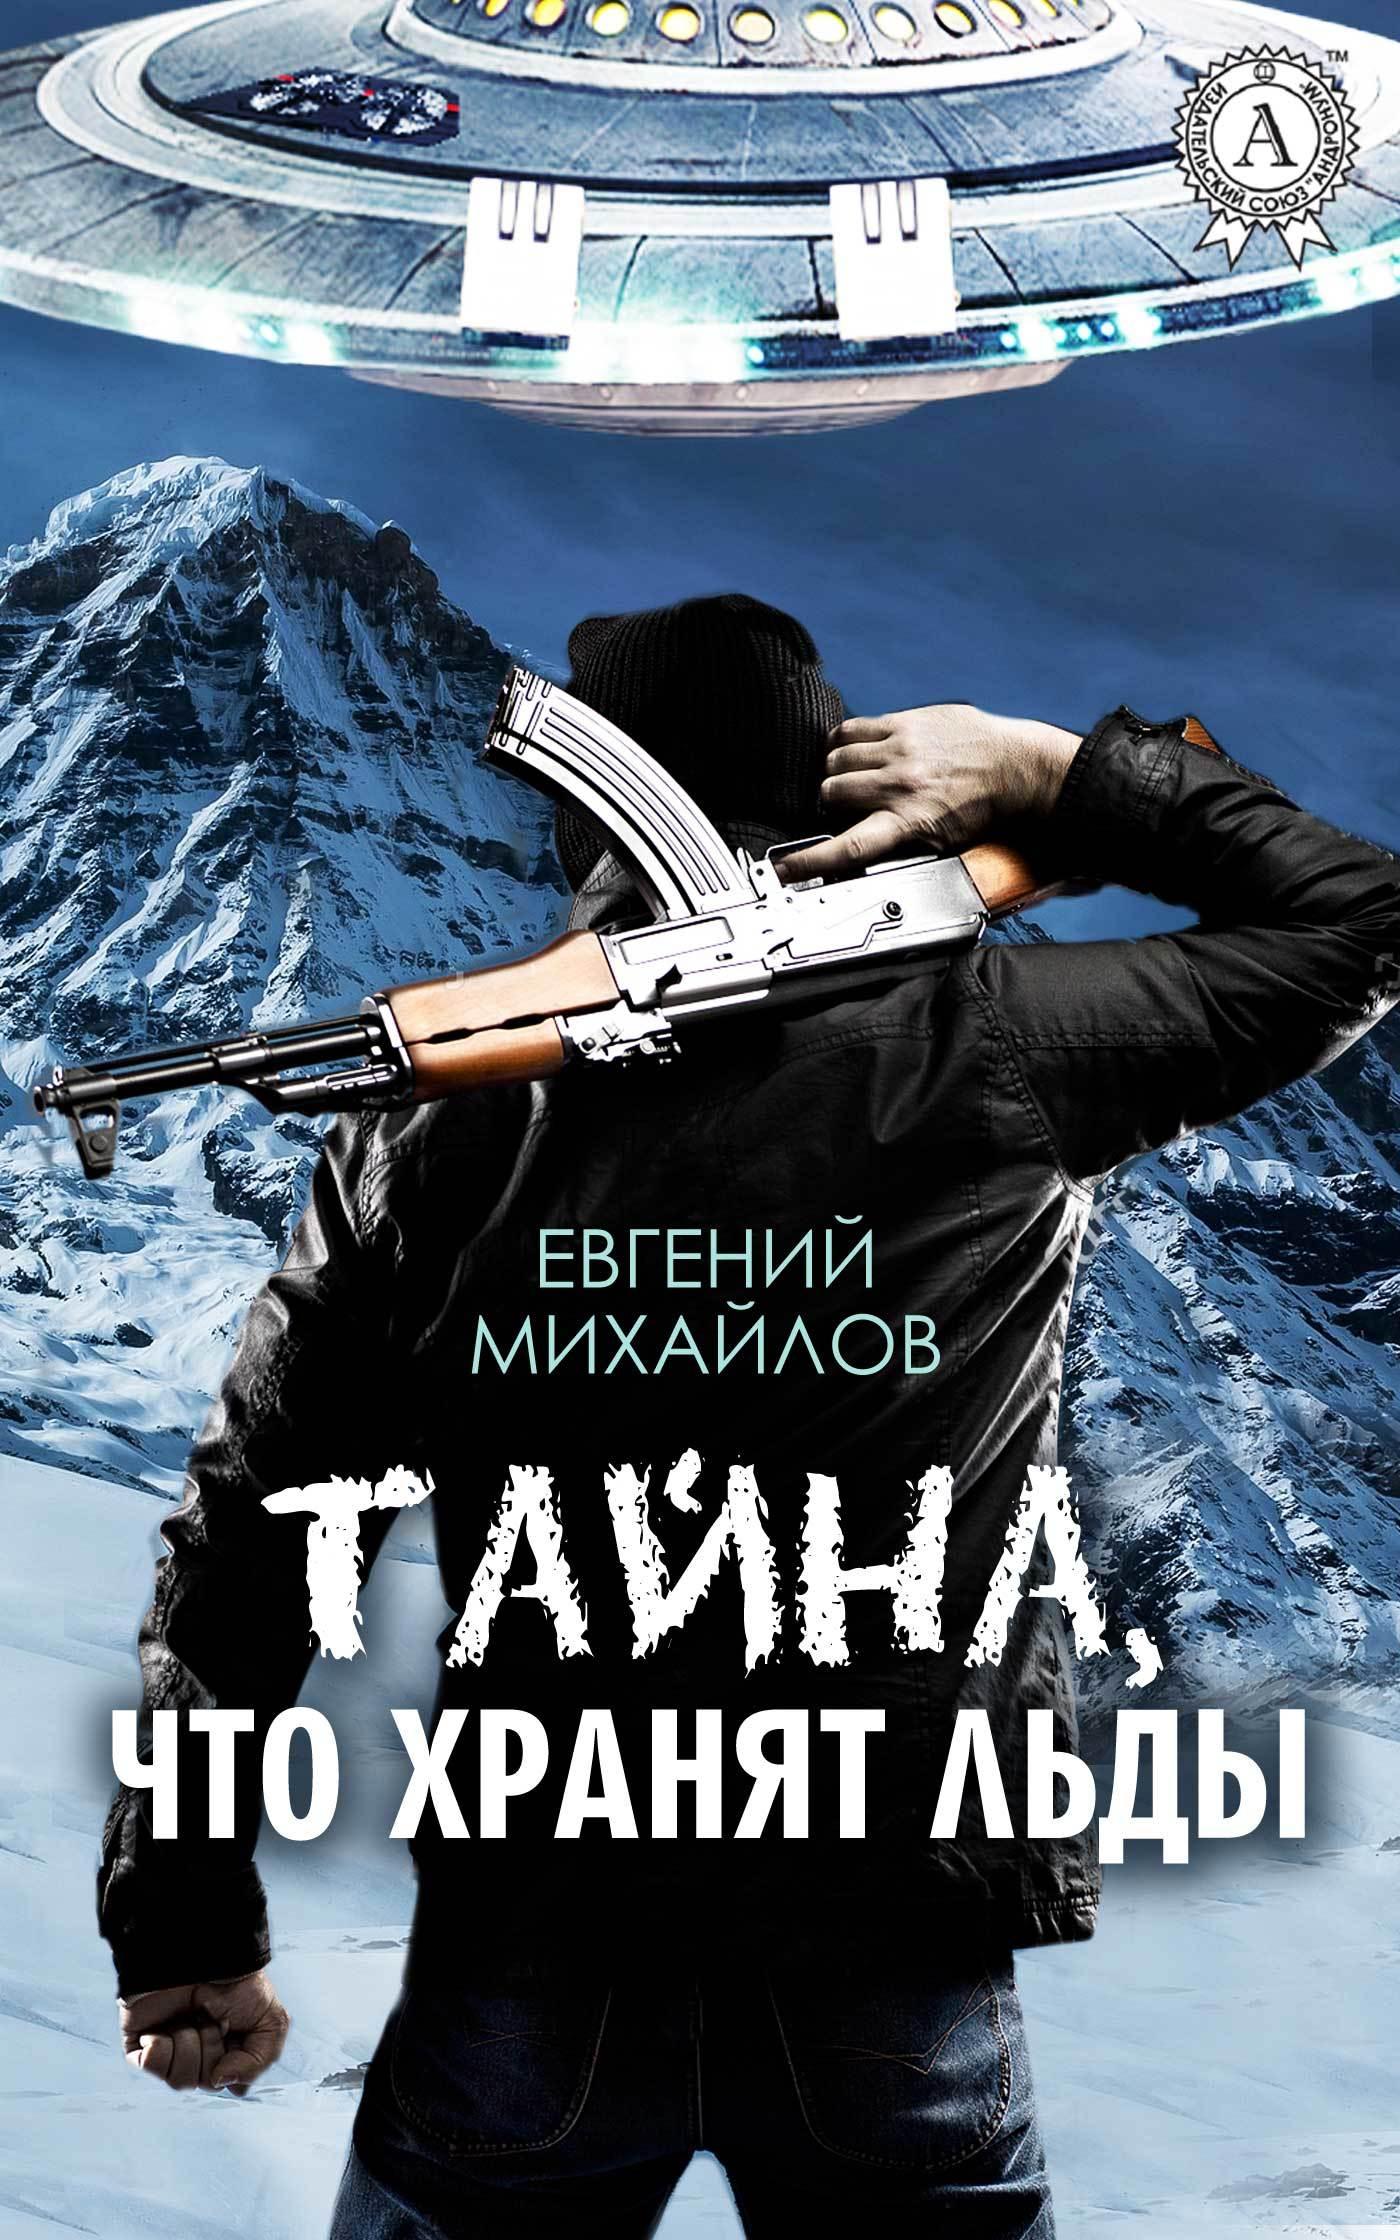 Евгений Михайлов бесплатно